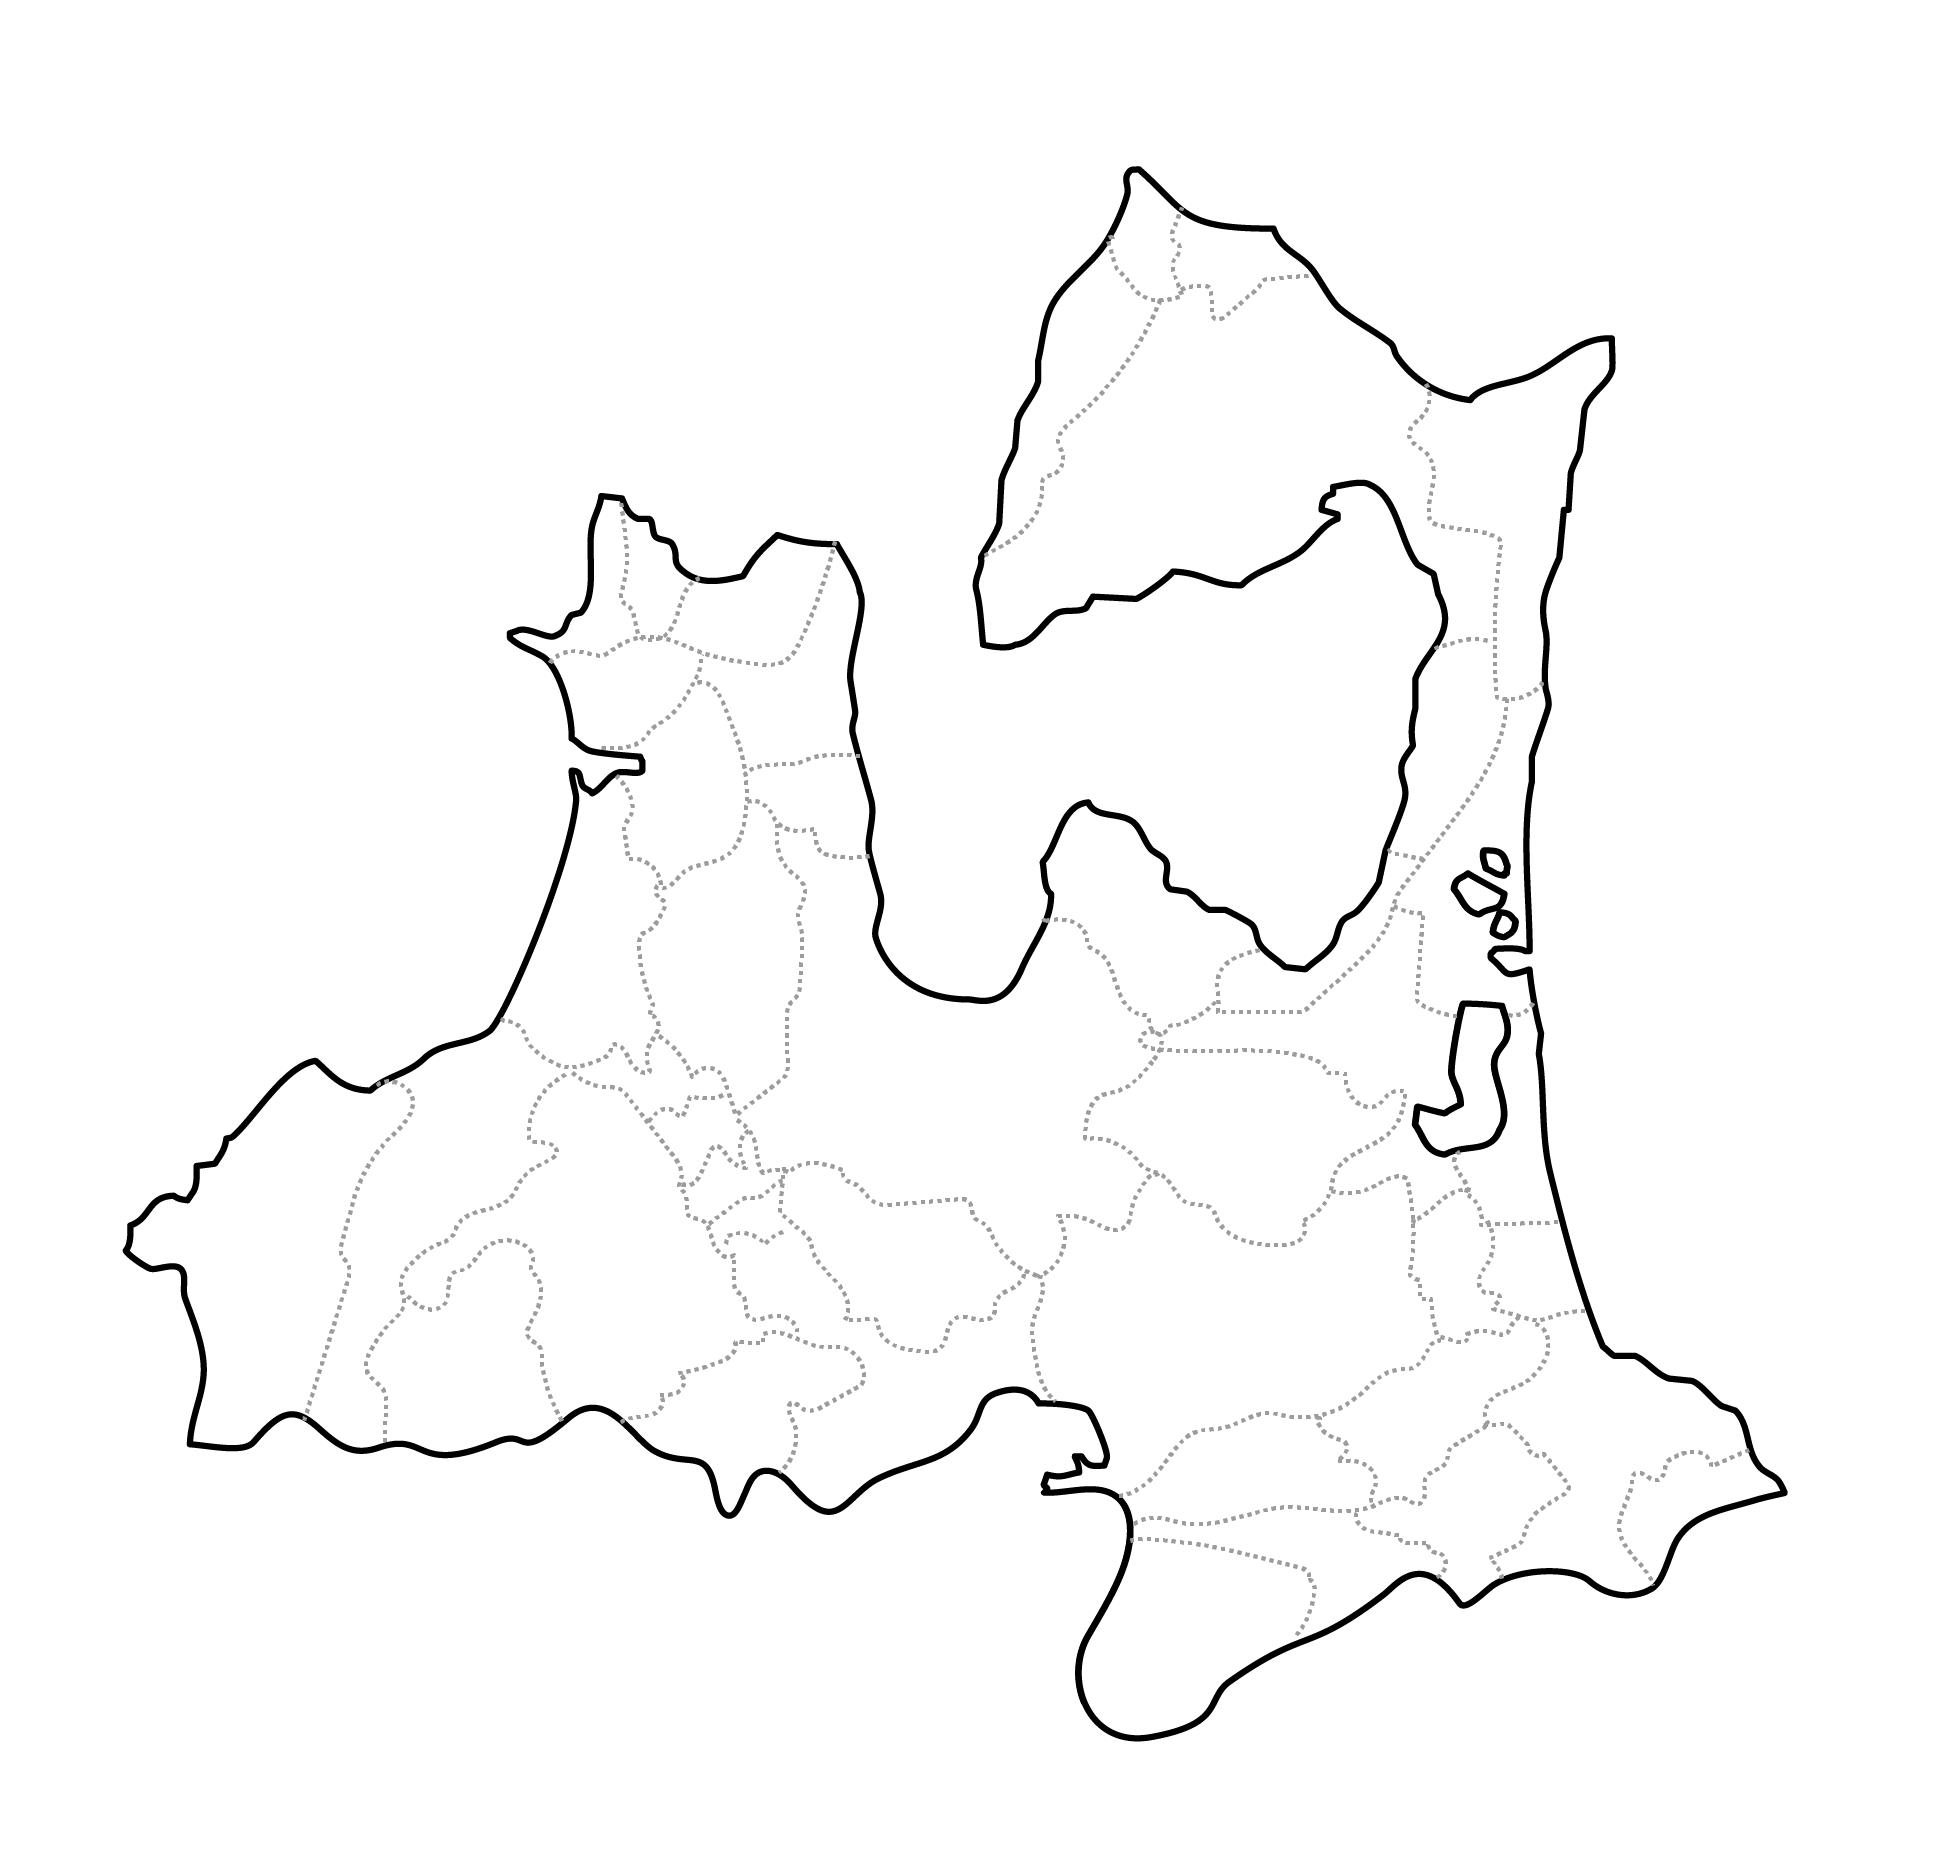 [白地図]青森県・ラインあり・市区町村名なし